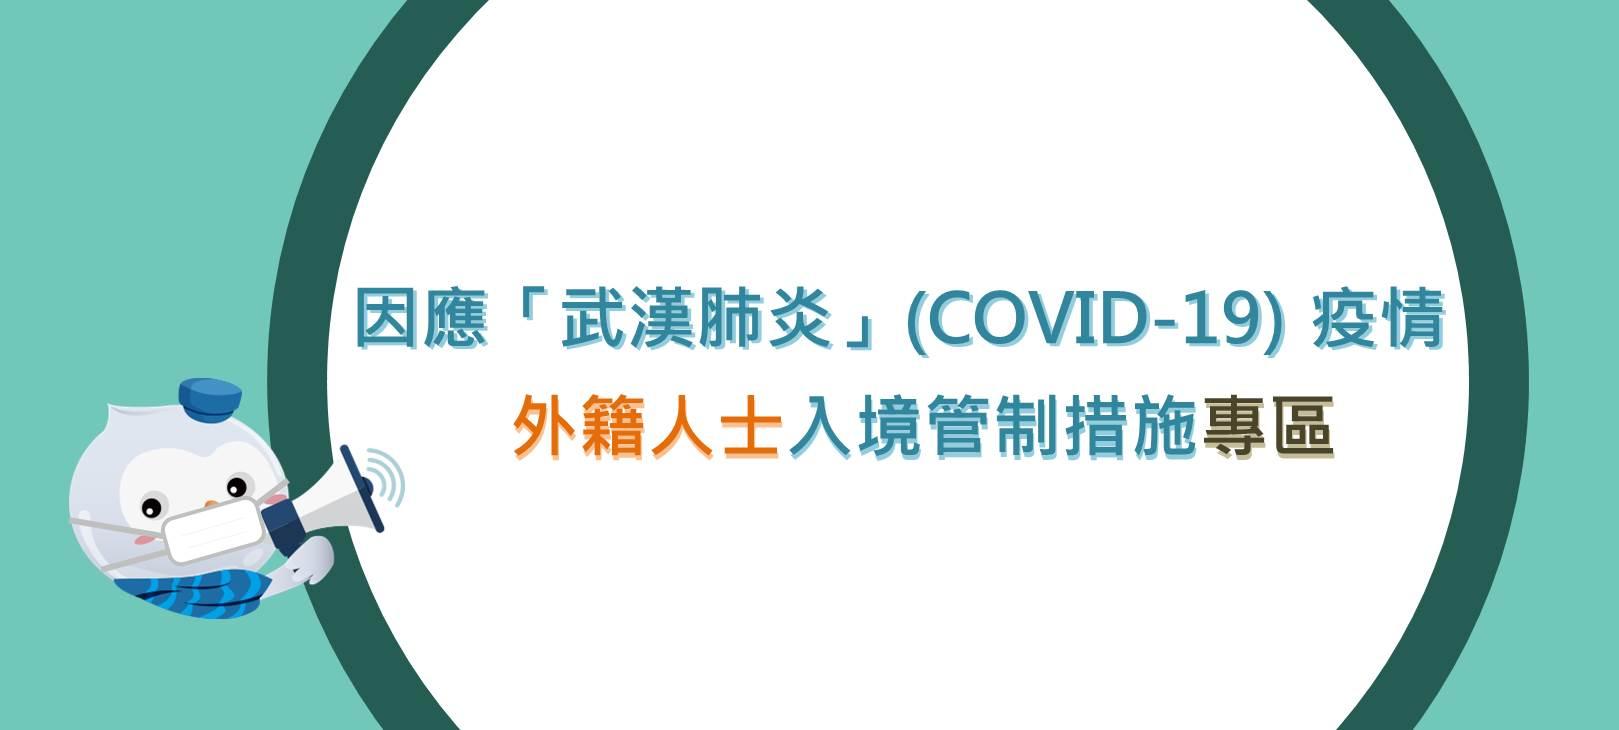 因應「武漢肺炎」(COVID-19)疫情外籍人士入境管制措施專區